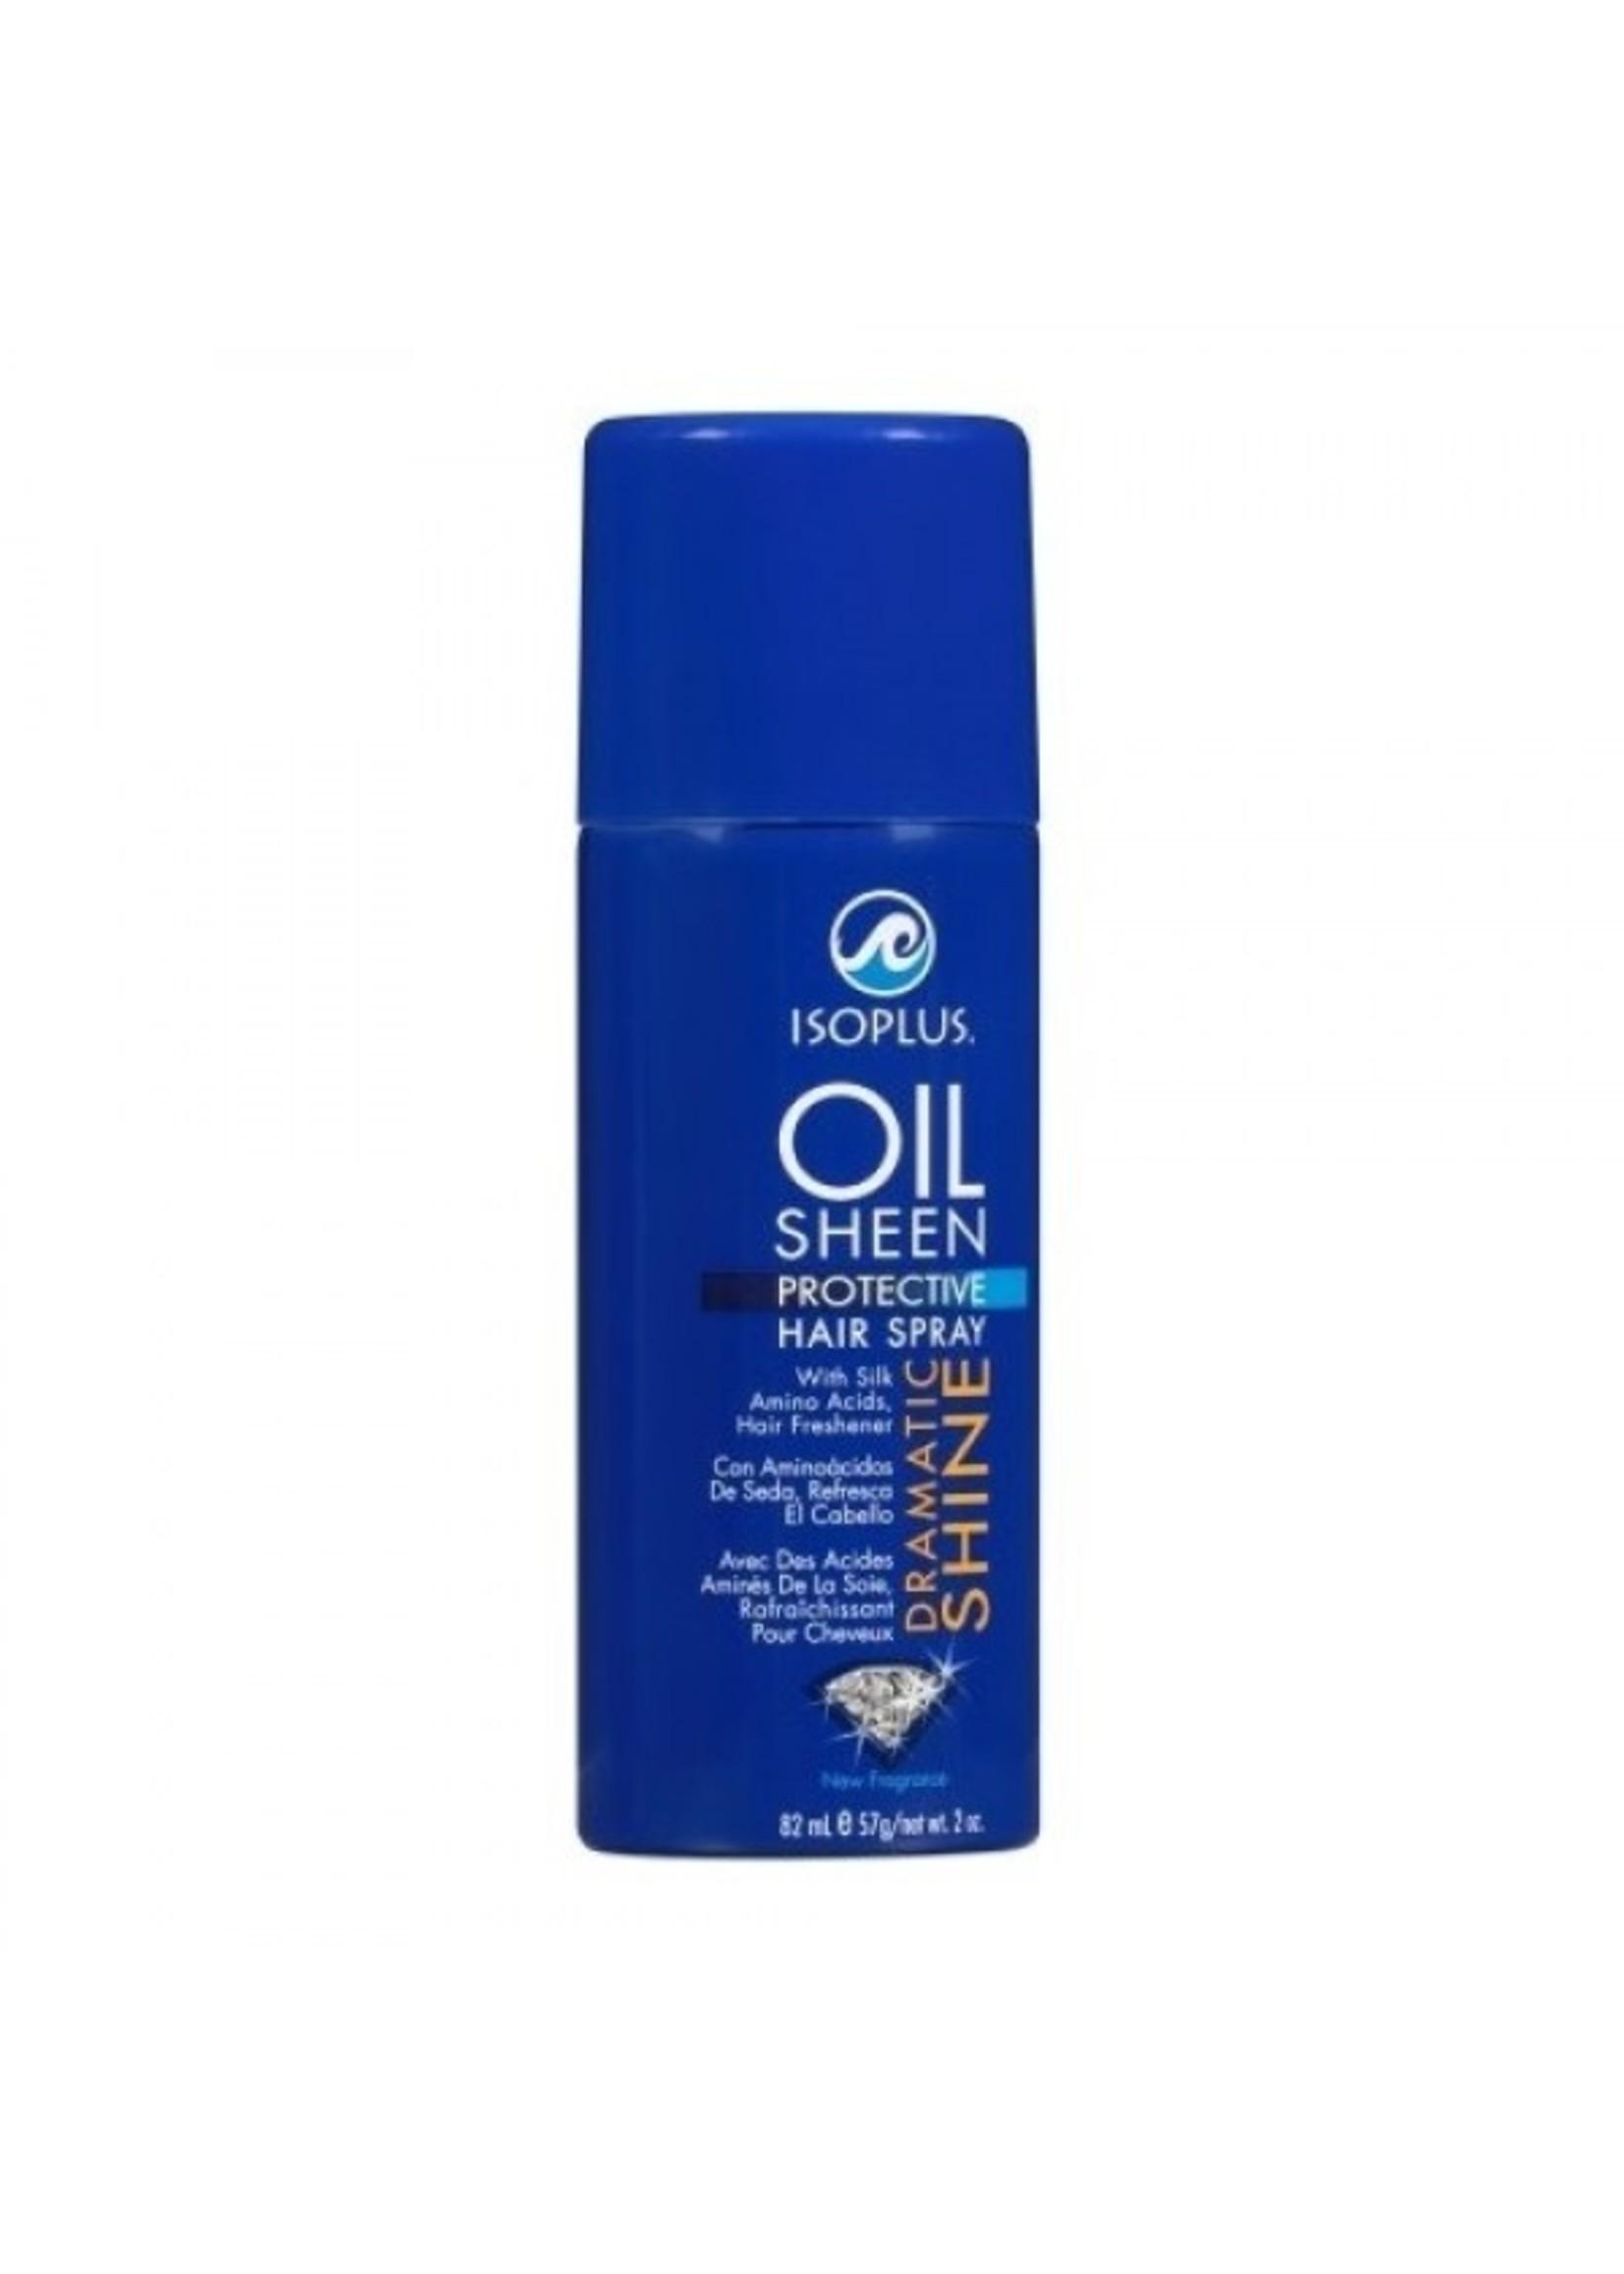 Isoplus Oil Sheen 2oz